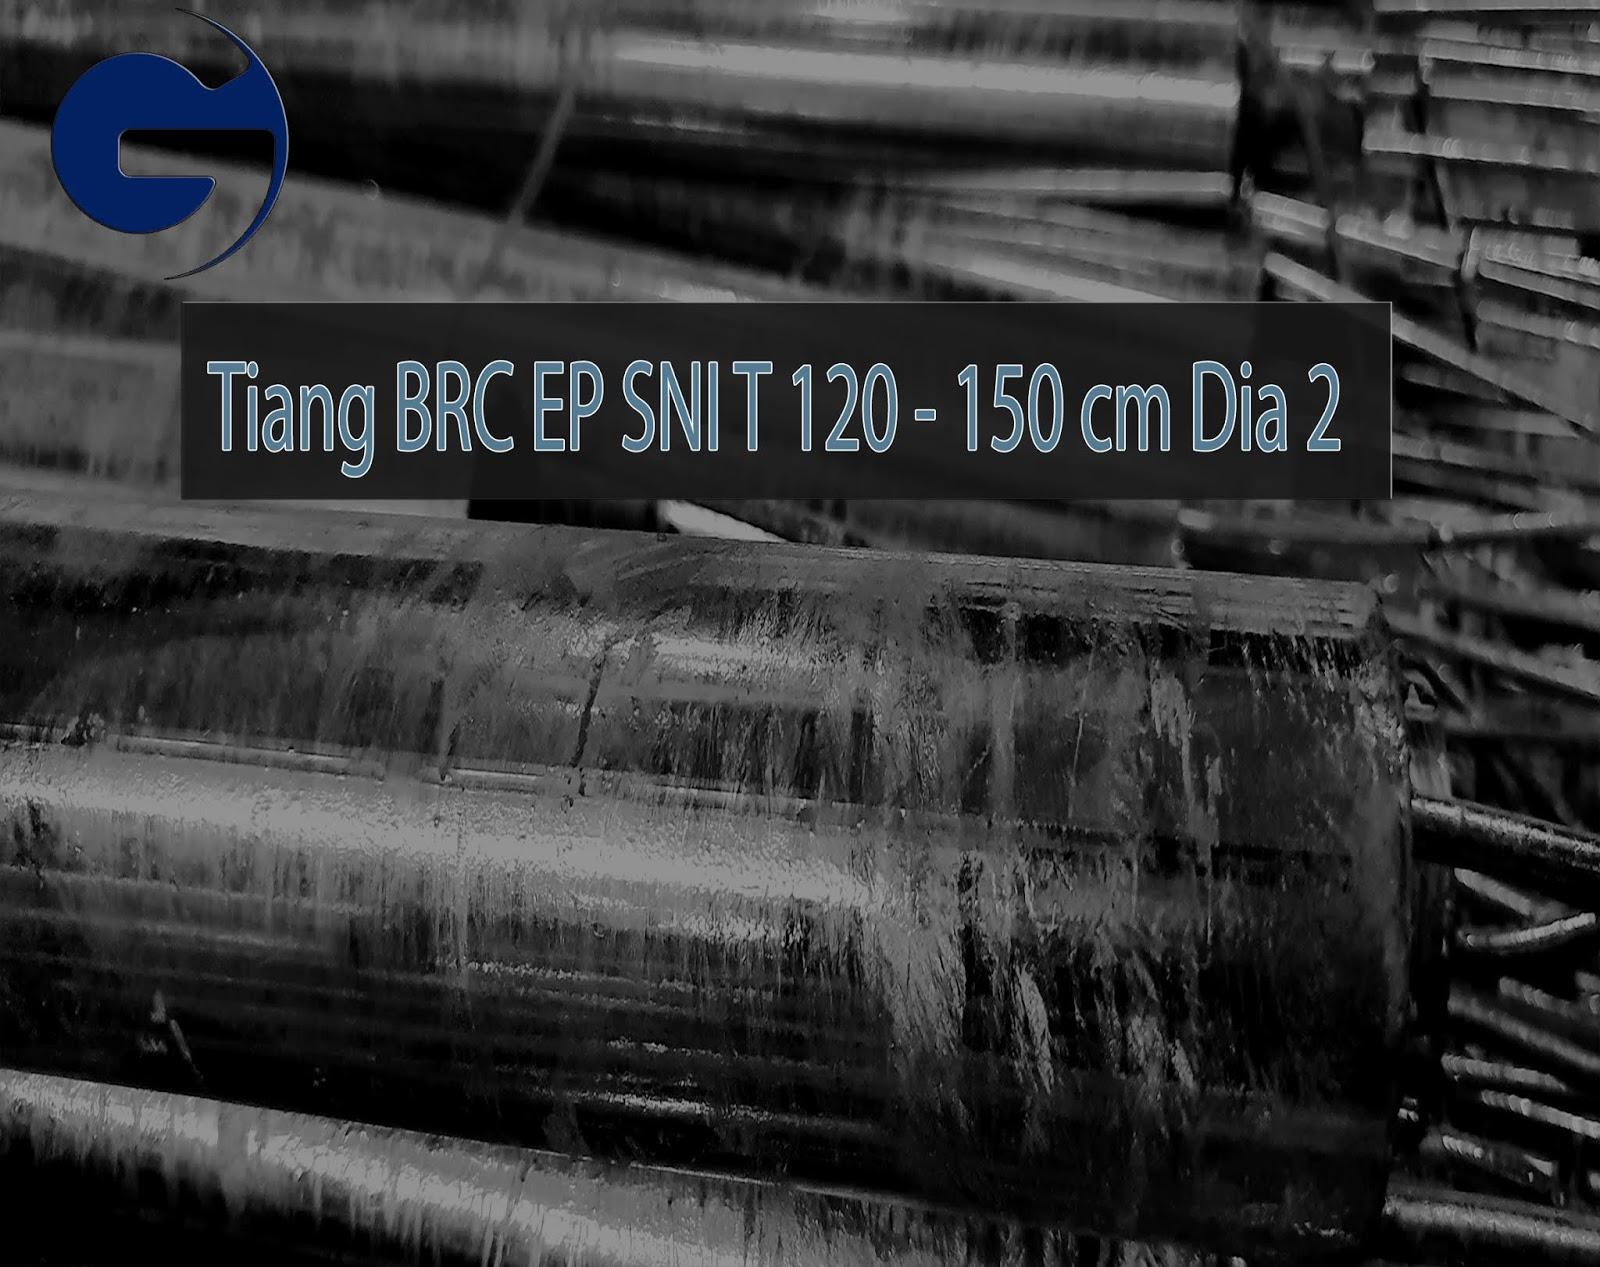 Jual Tiang BRC EP SNI T 150 CM Dia 2 Inch